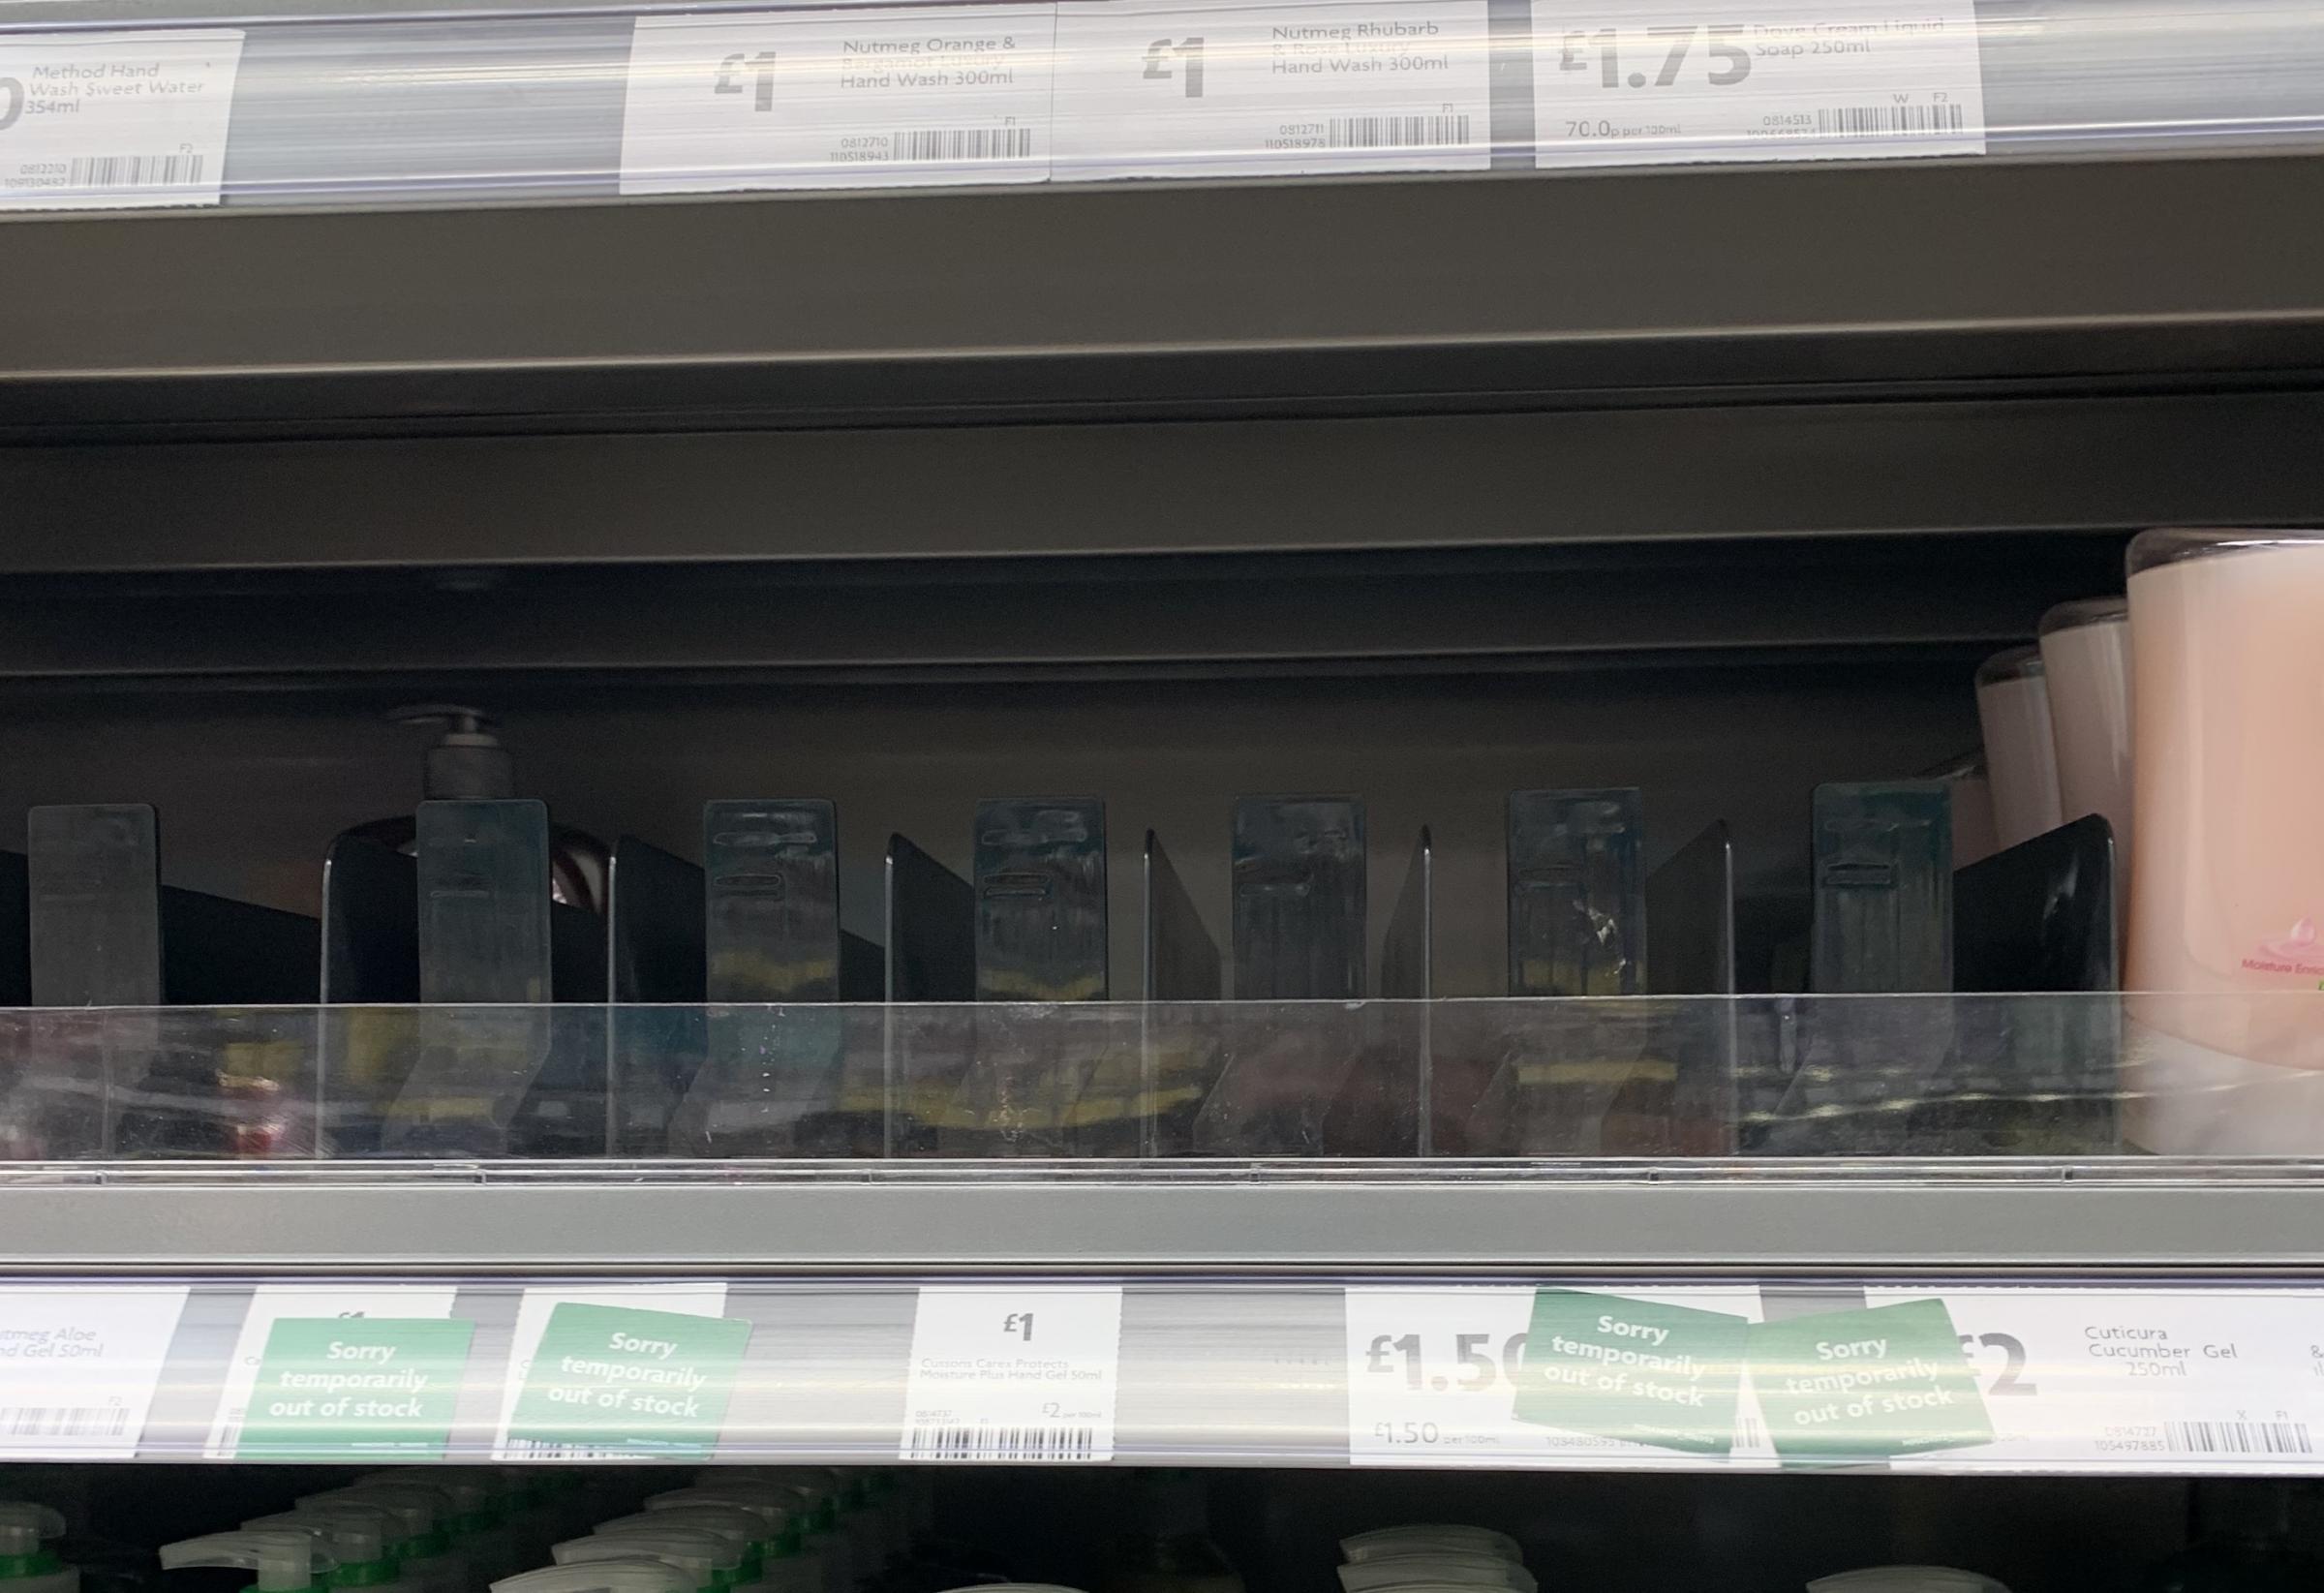 CORONAVIRUS: Worried shoppers strip hand sanitiser shelves at Swindon supermarkets